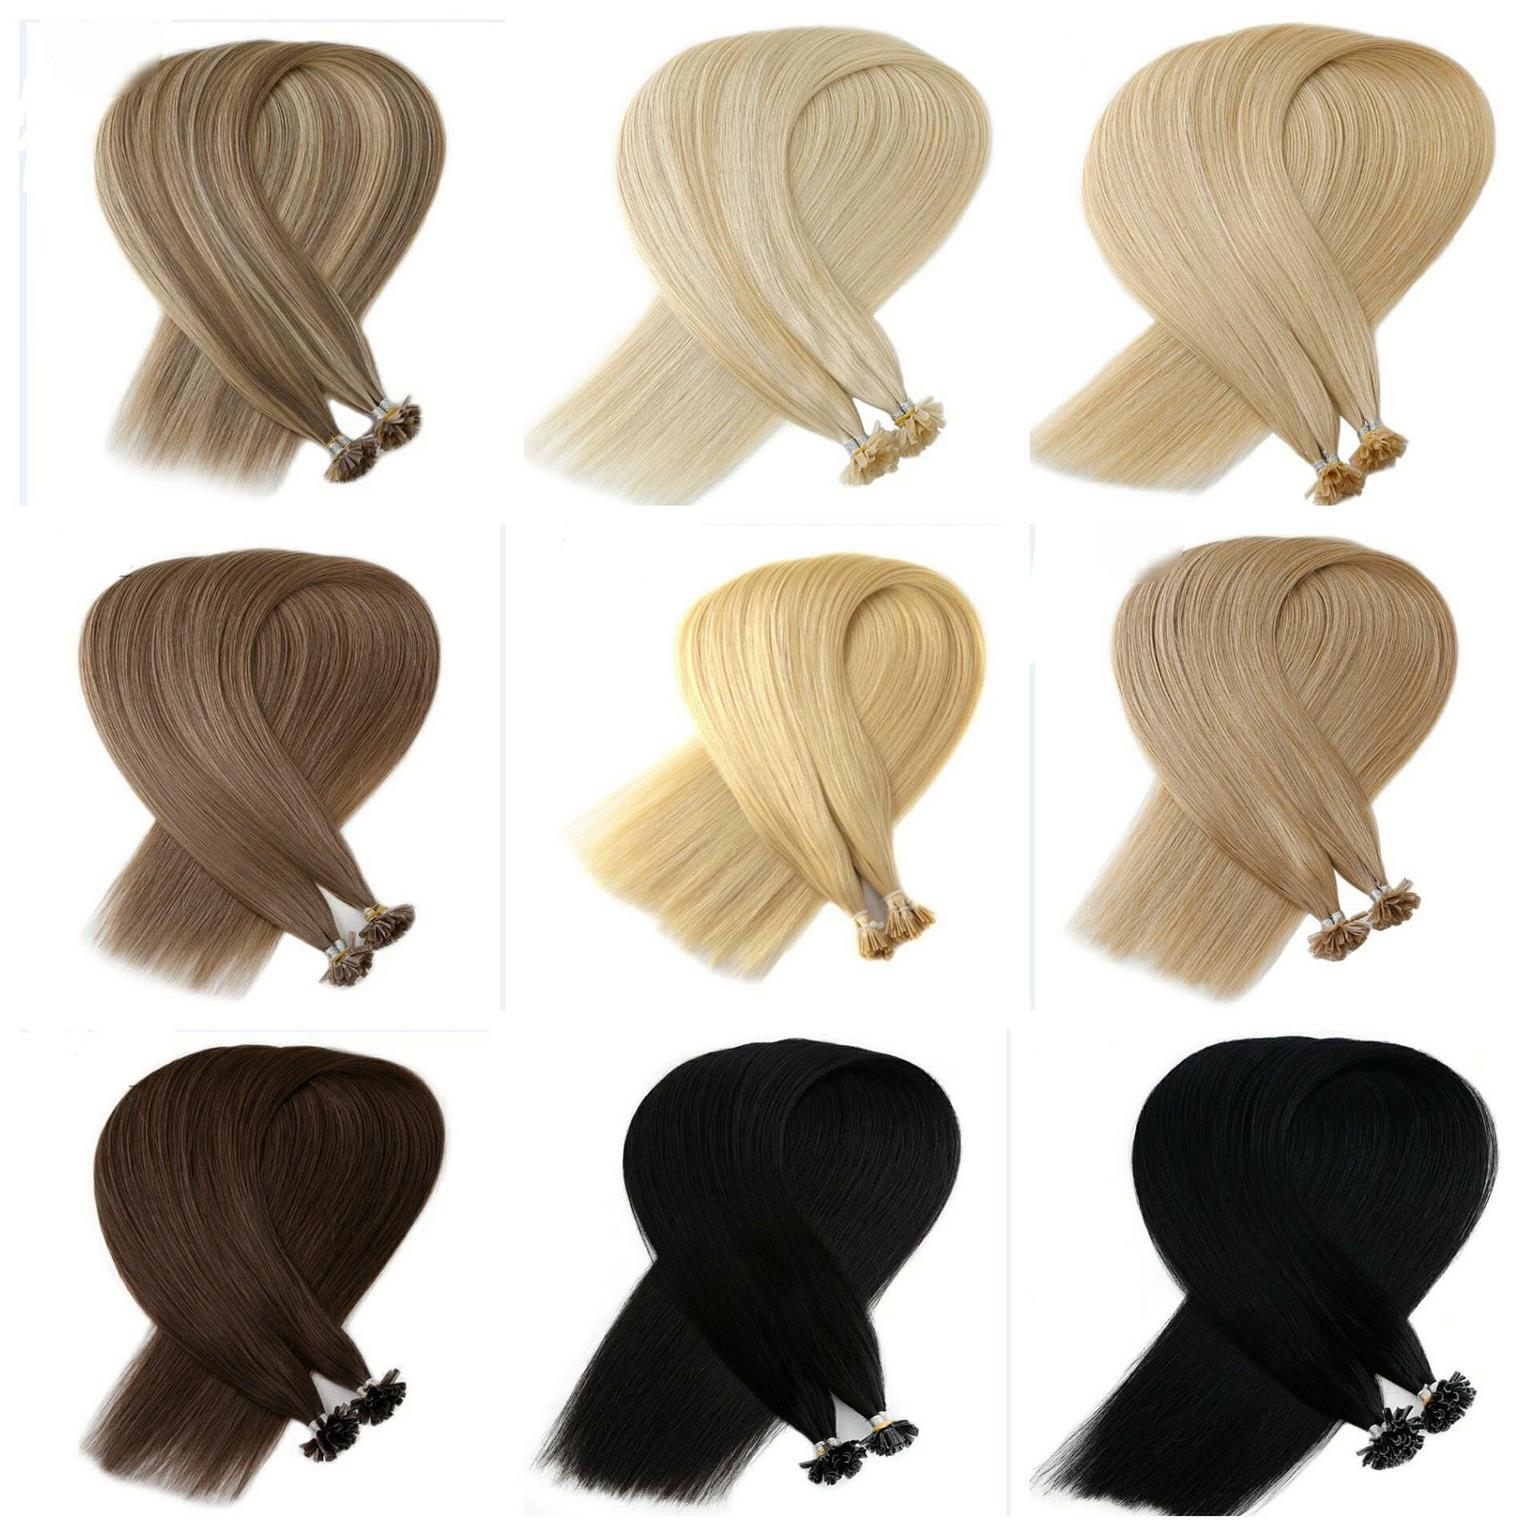 Double Drawn European Human Hair Extensions Russian Hair Junk Mail